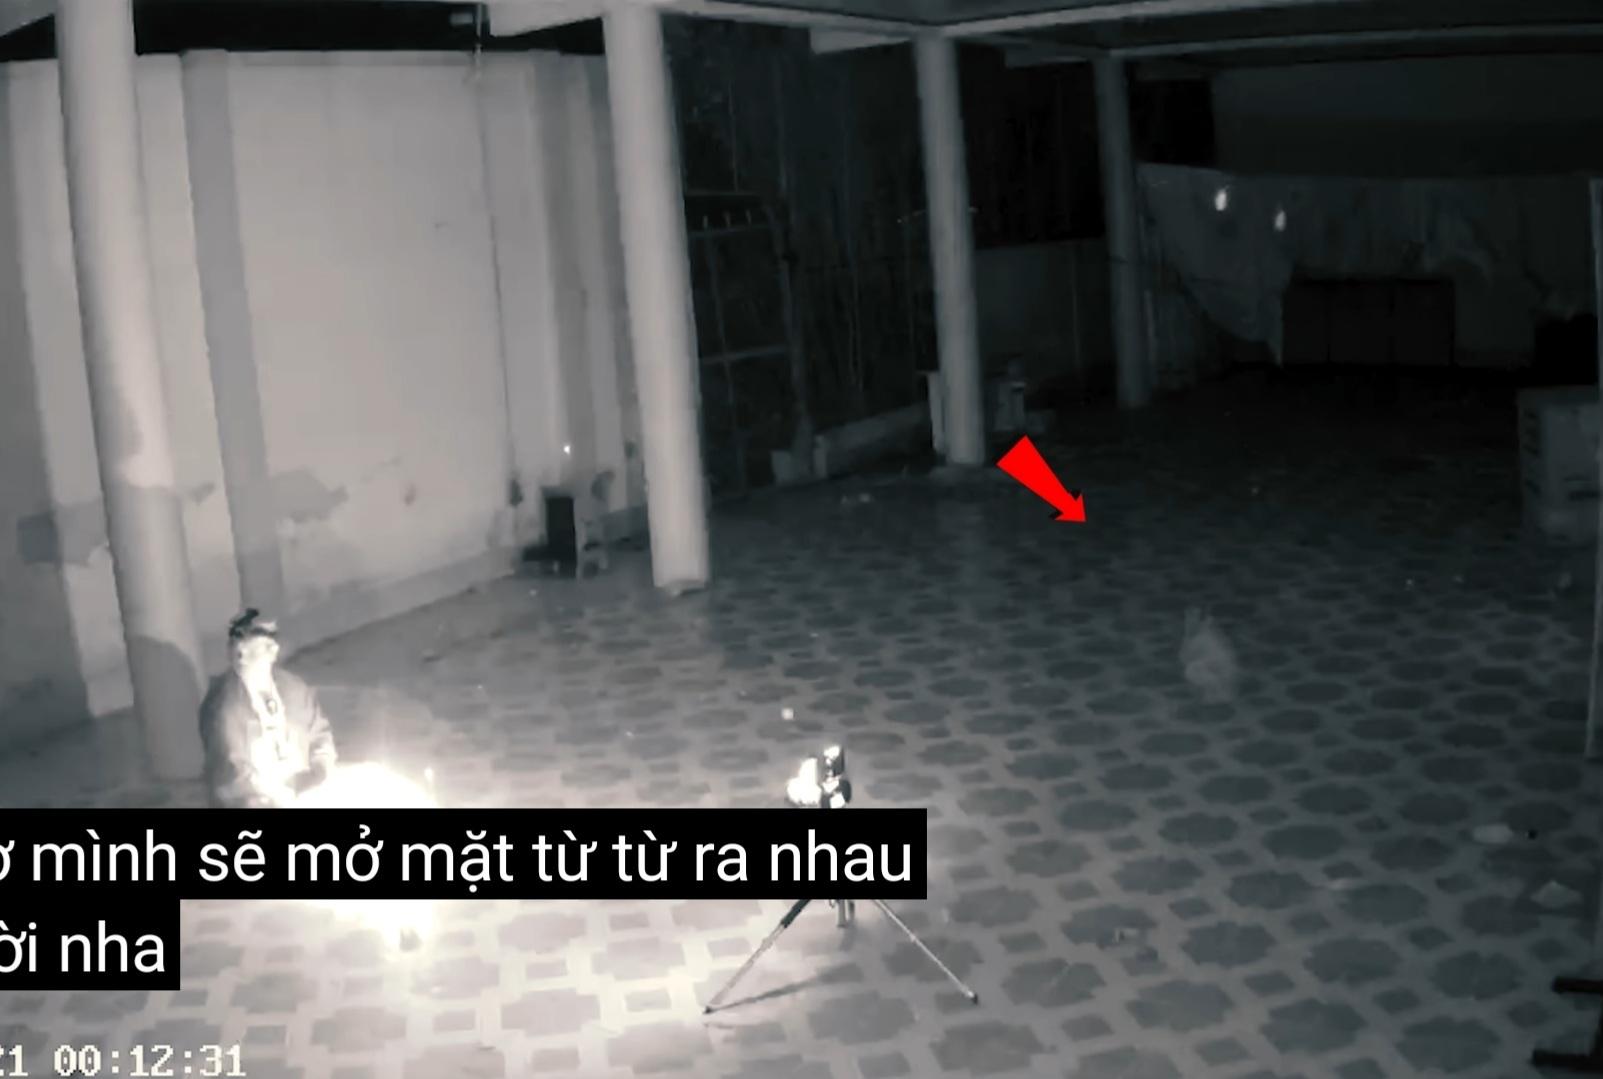 YouTuber 'bắt ma', 'nuôi vong' để câu view